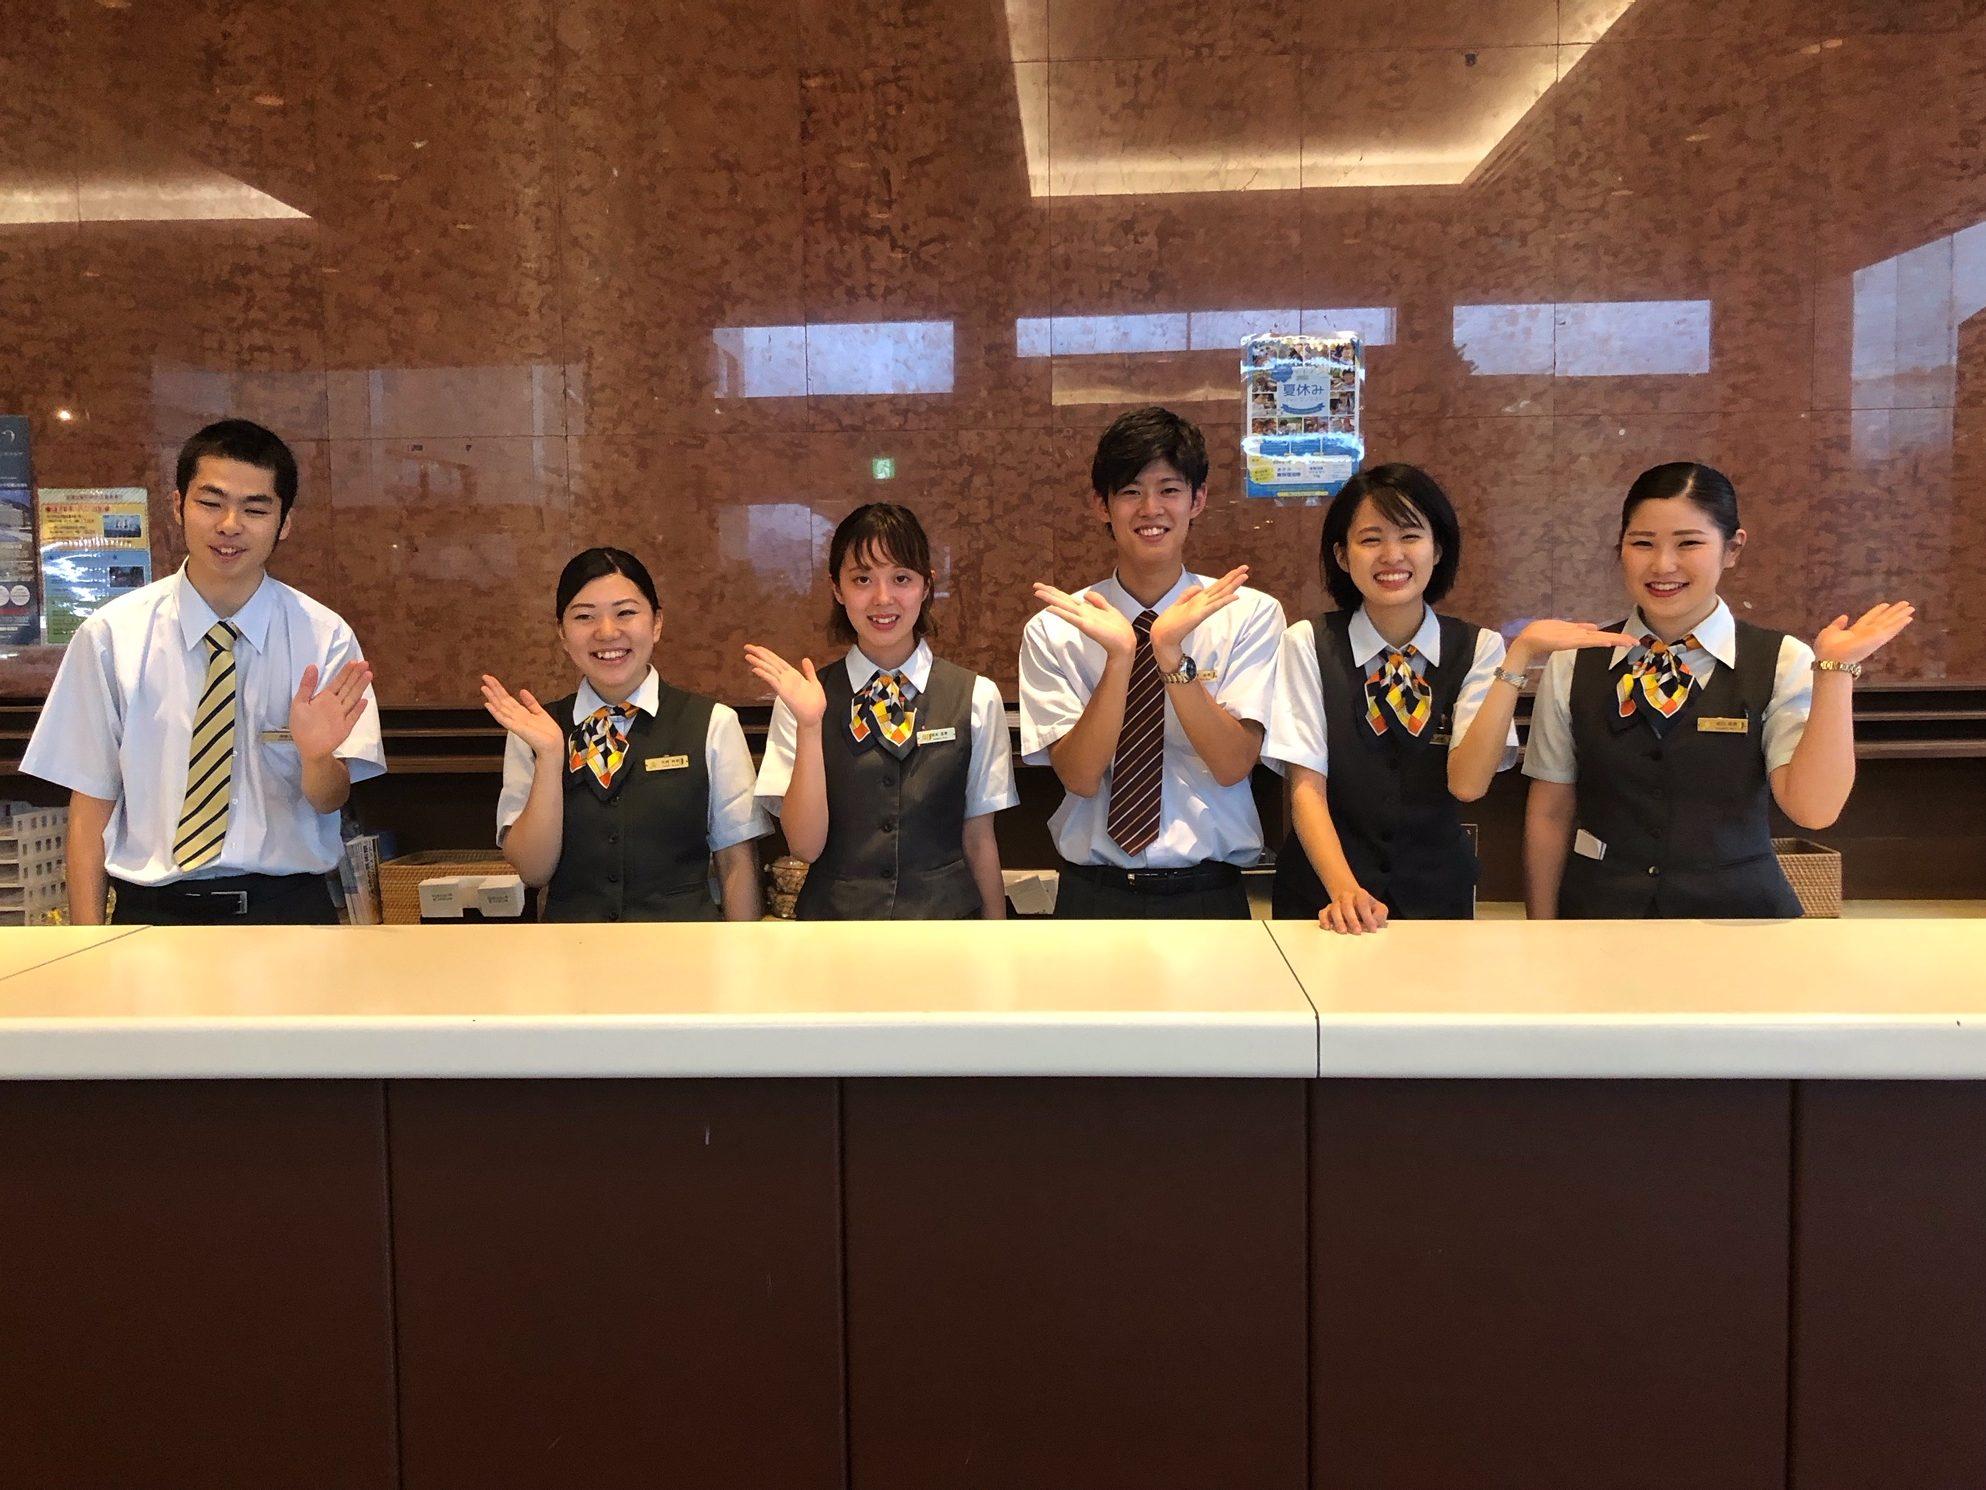 (新潟県/越後湯沢)夏の2週間短期リゾートバイトが想像以上の楽しさだった!